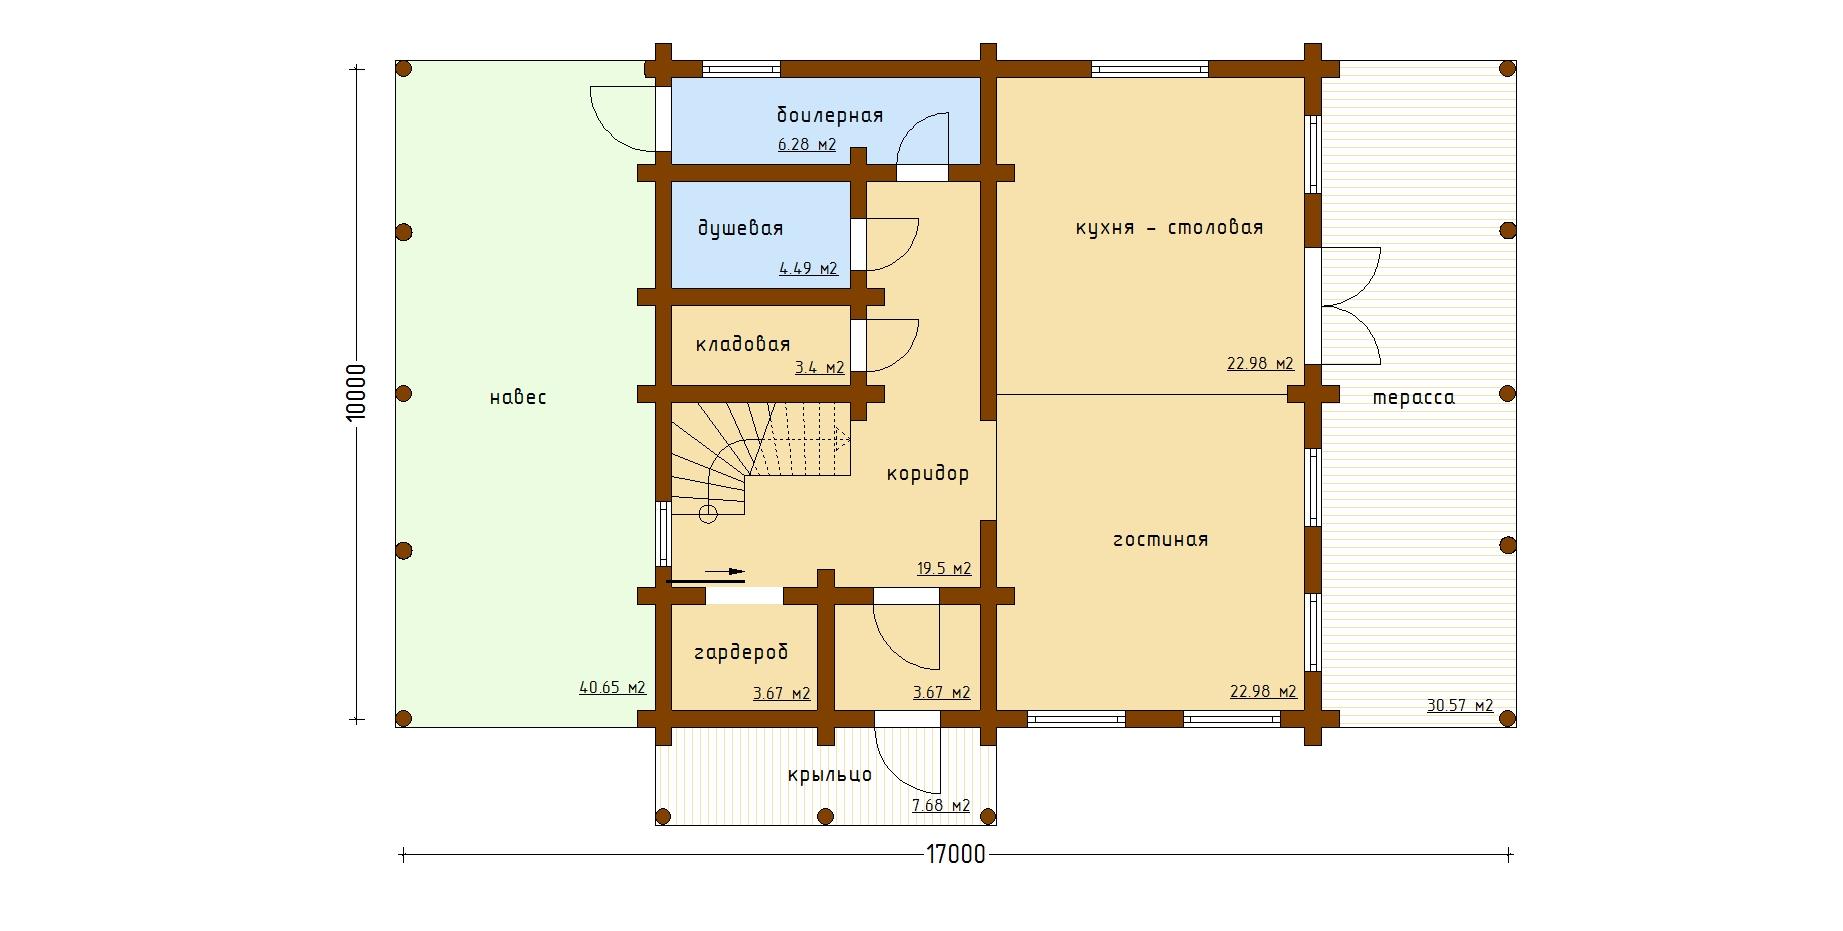 """Индивидуальный жилой дом """"Никитино"""" план"""